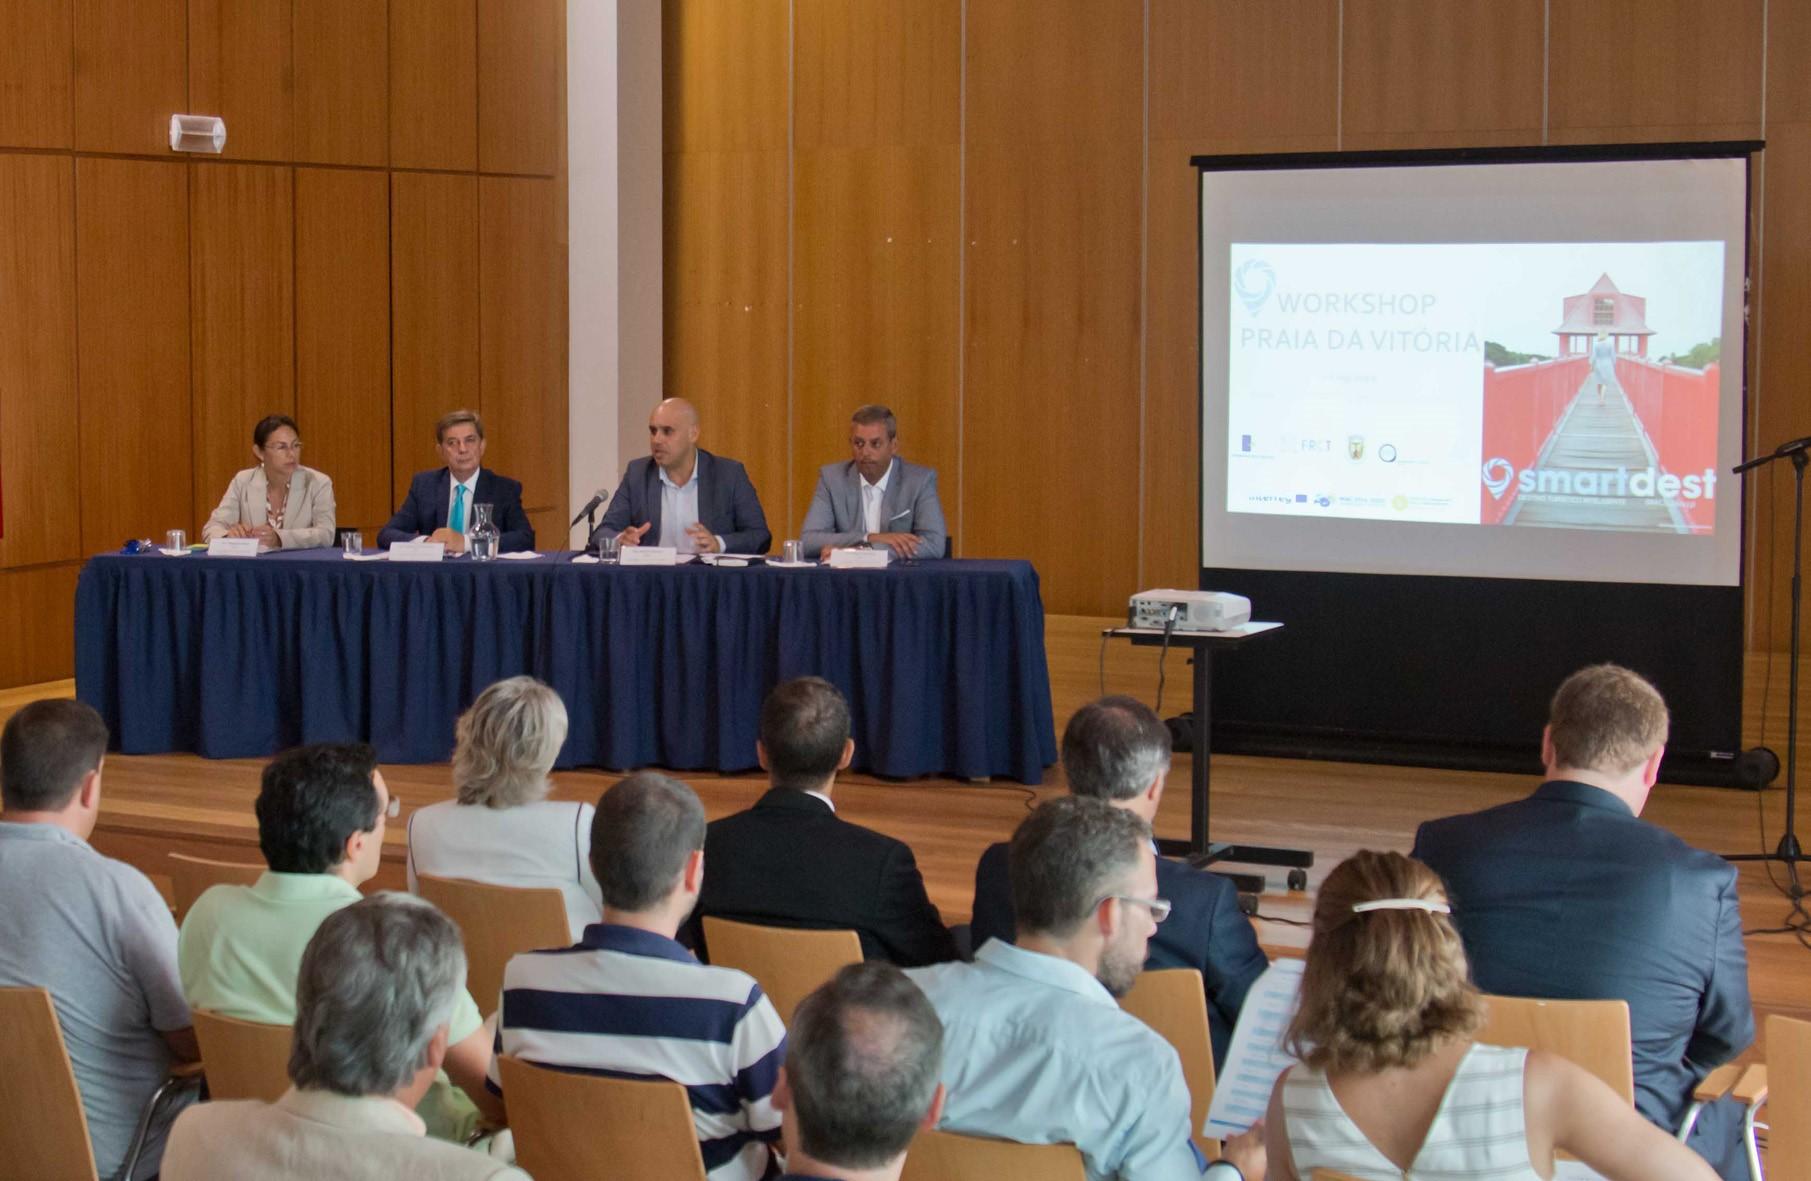 Projeto europeu 'SMARTDEST' terá componente prática na Terceira para desenvolver soluções tecnológicas ligadas ao turismo